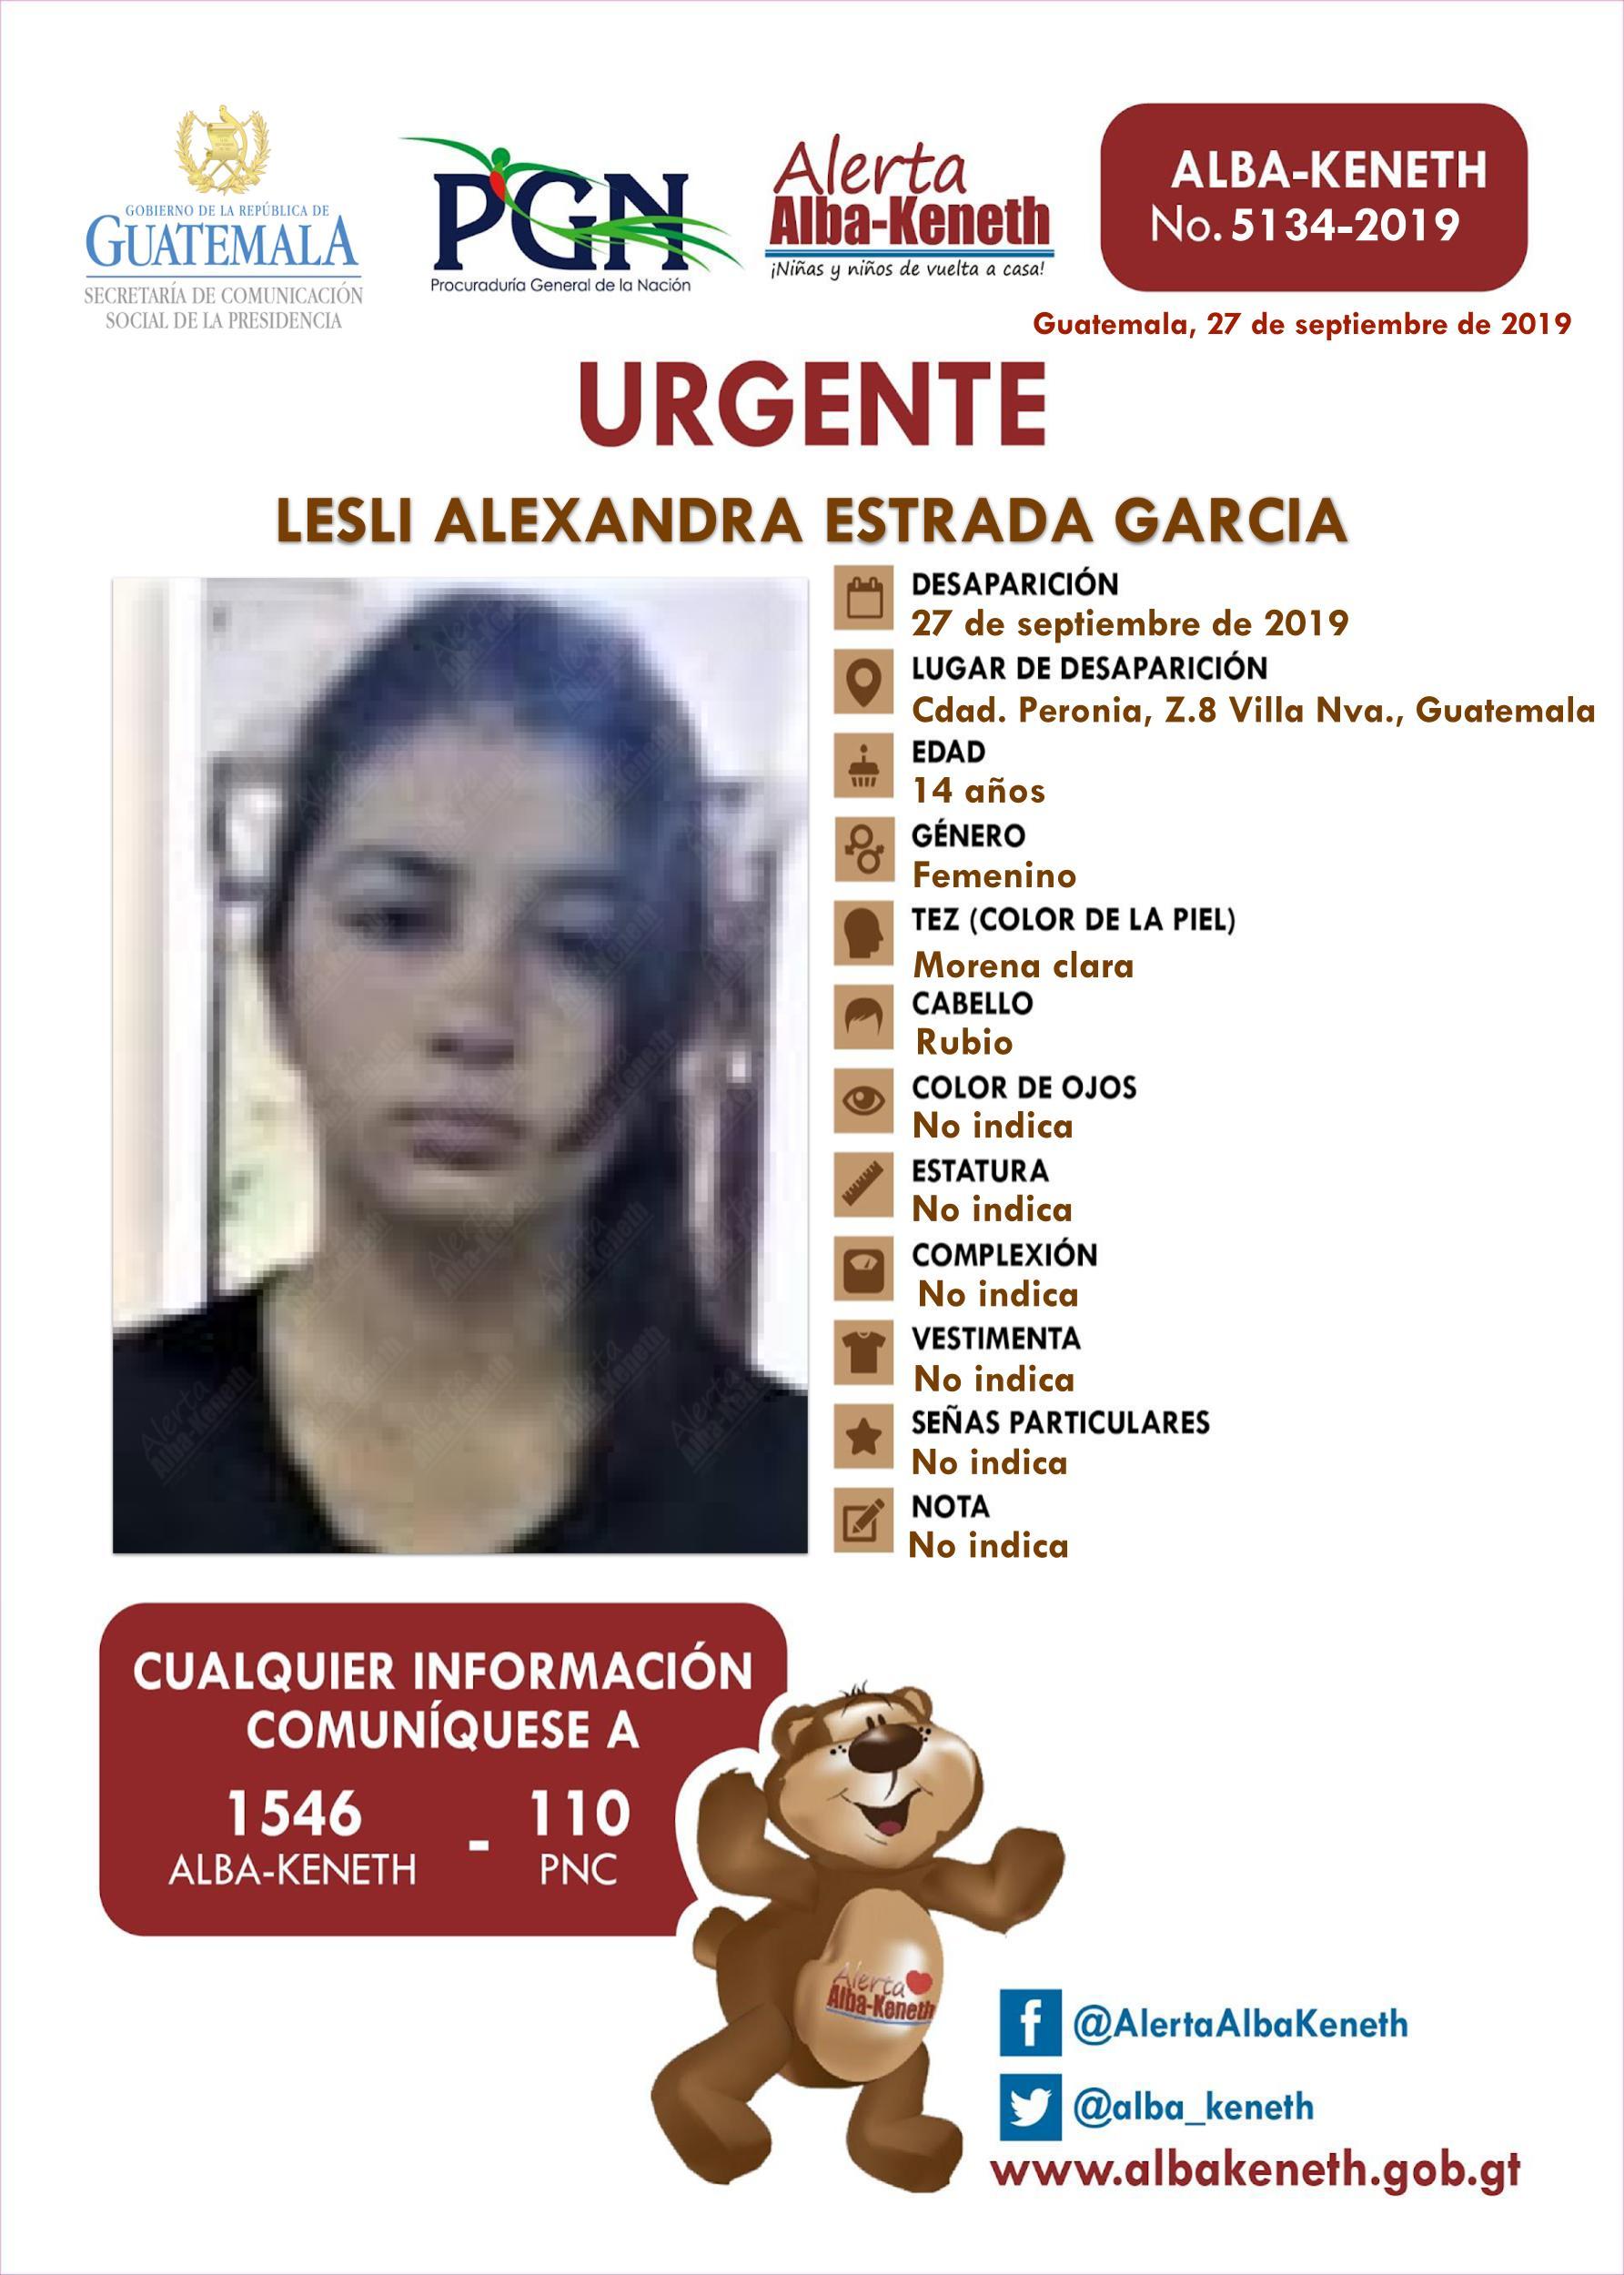 Lesli Alexandra Estrada Garcia